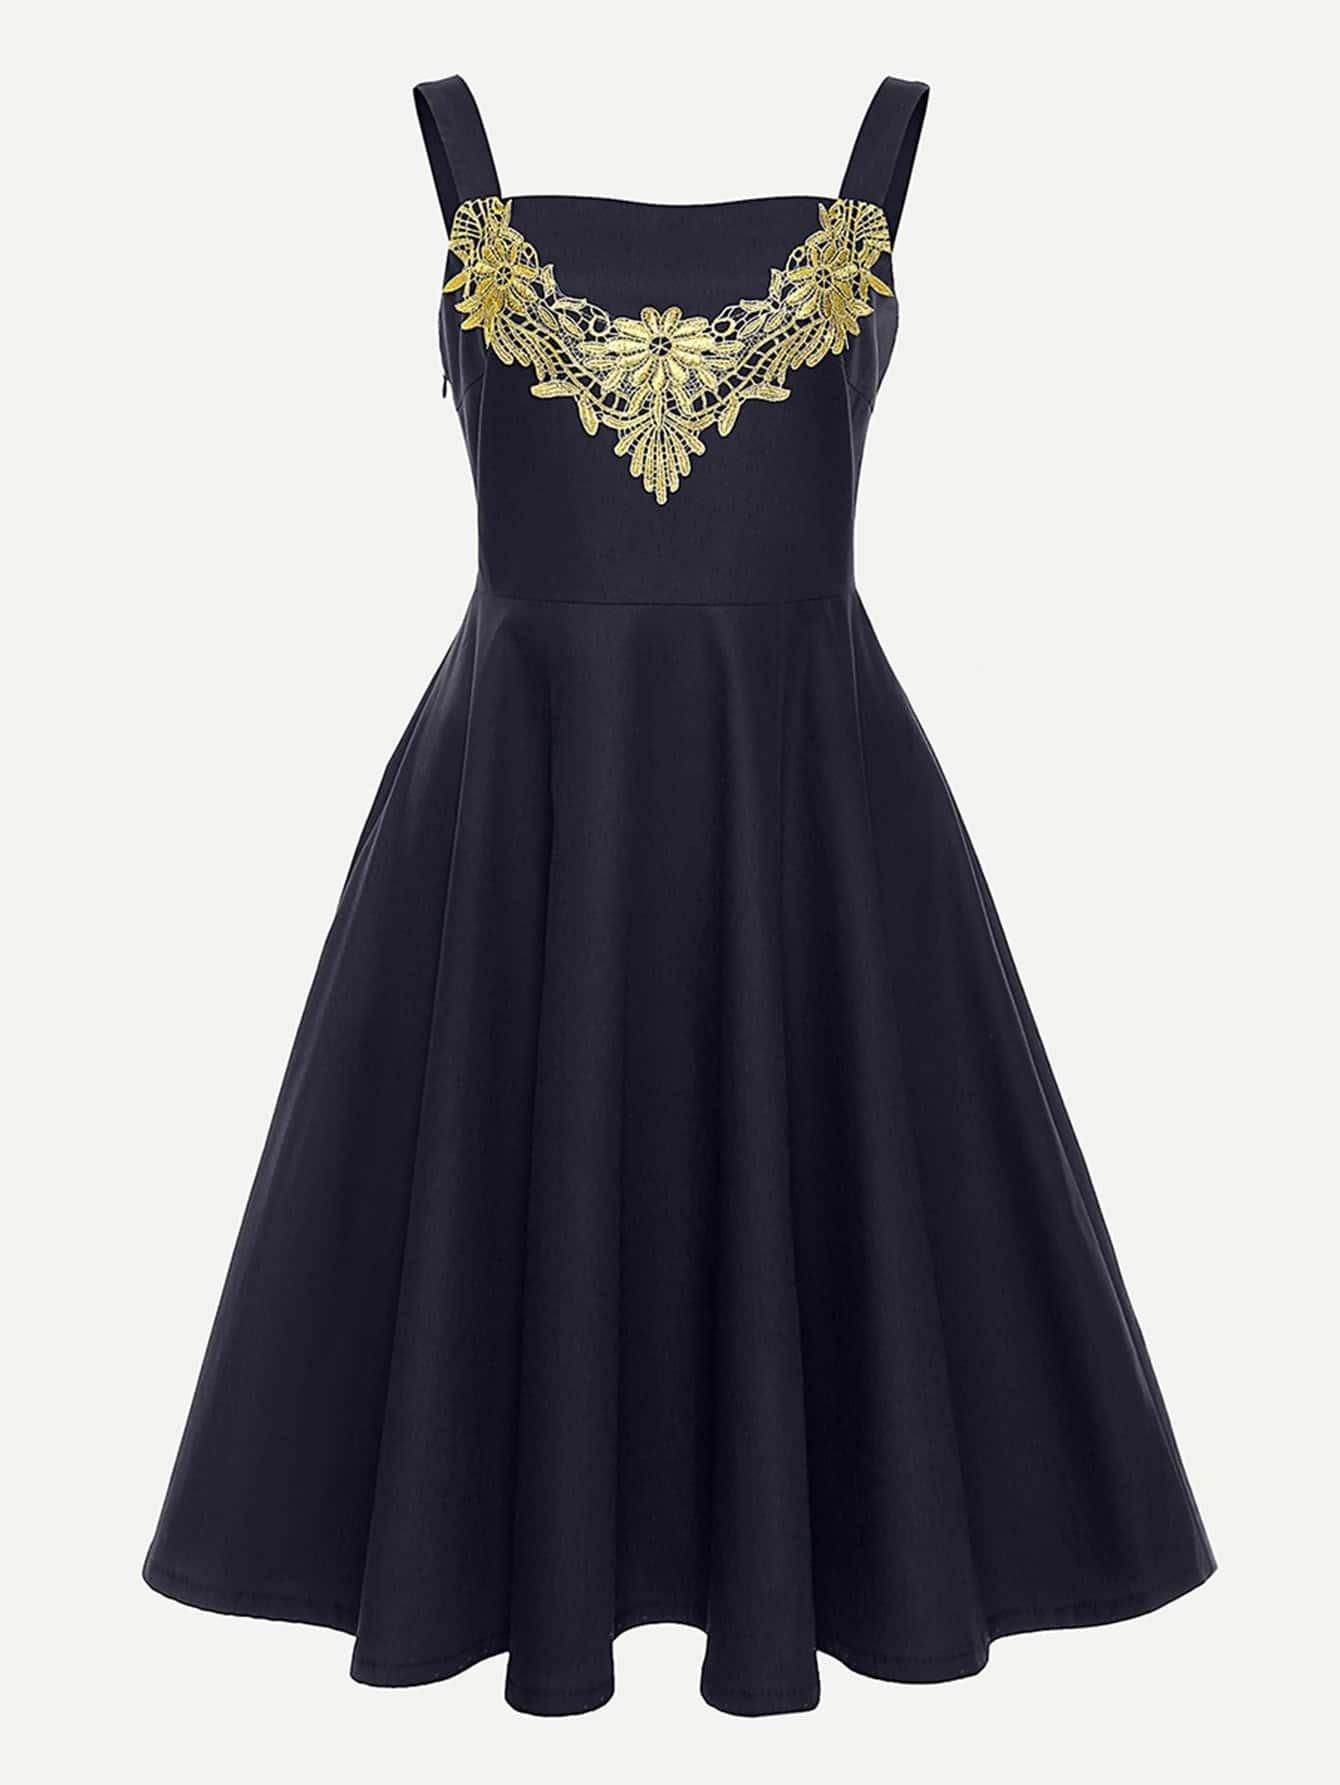 Купить Ситцевое платье на бретелях со симметрическими кружевами, null, SheIn